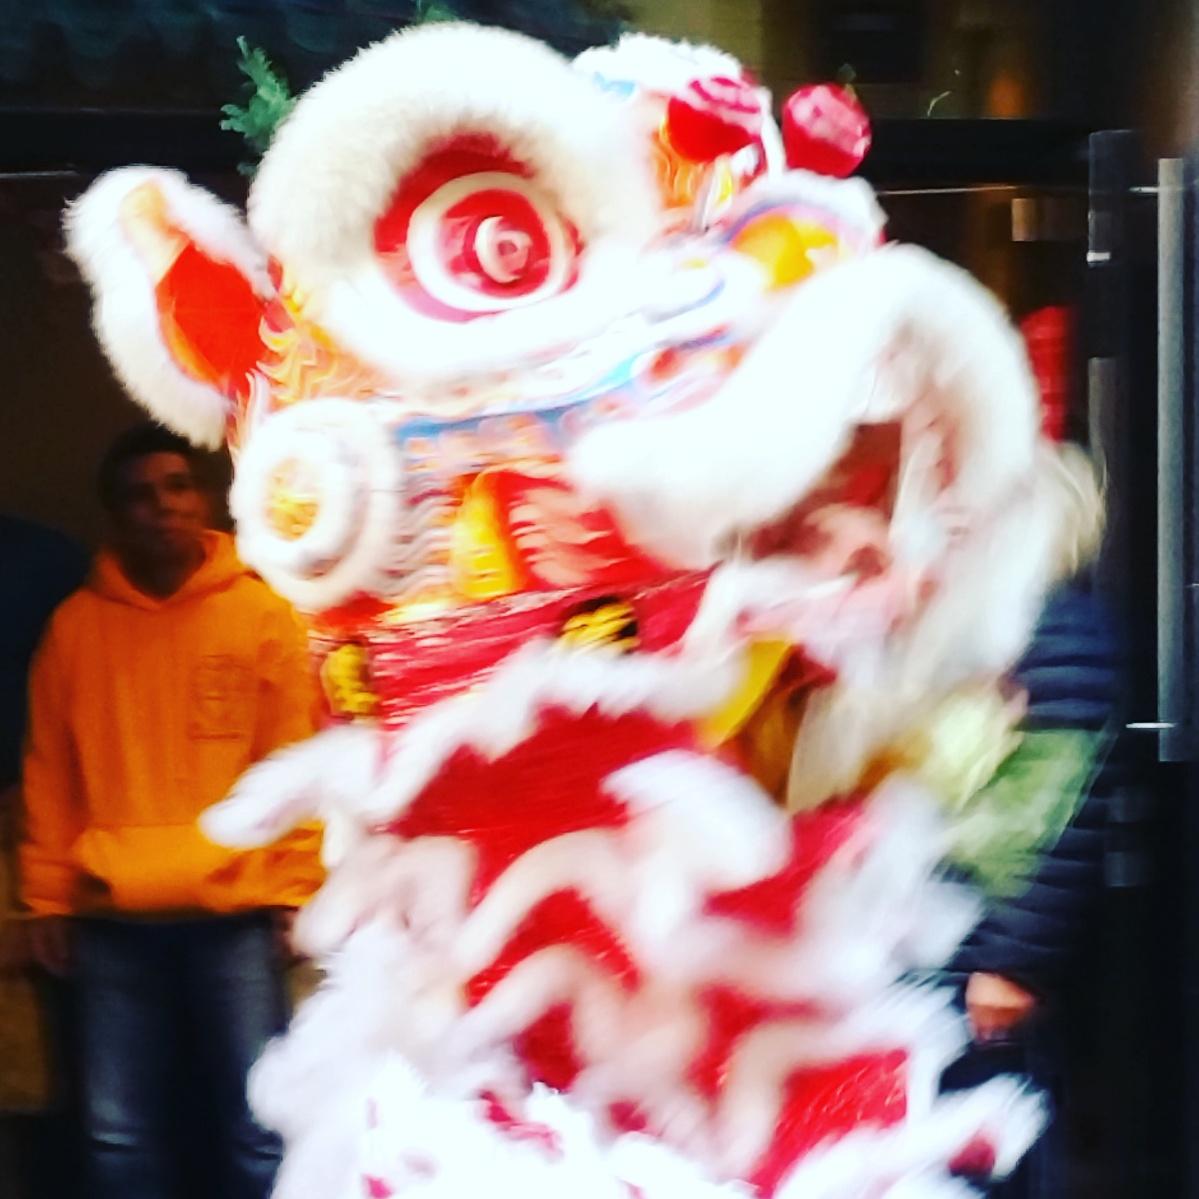 2017雞年行大運! #HappyChineseNewYear #HappyCNY #HappyYearoftheRooster #hongkong #china #overseas #chinese #RoosterYear #rooster #rooster2017 #cny2017 #CNY